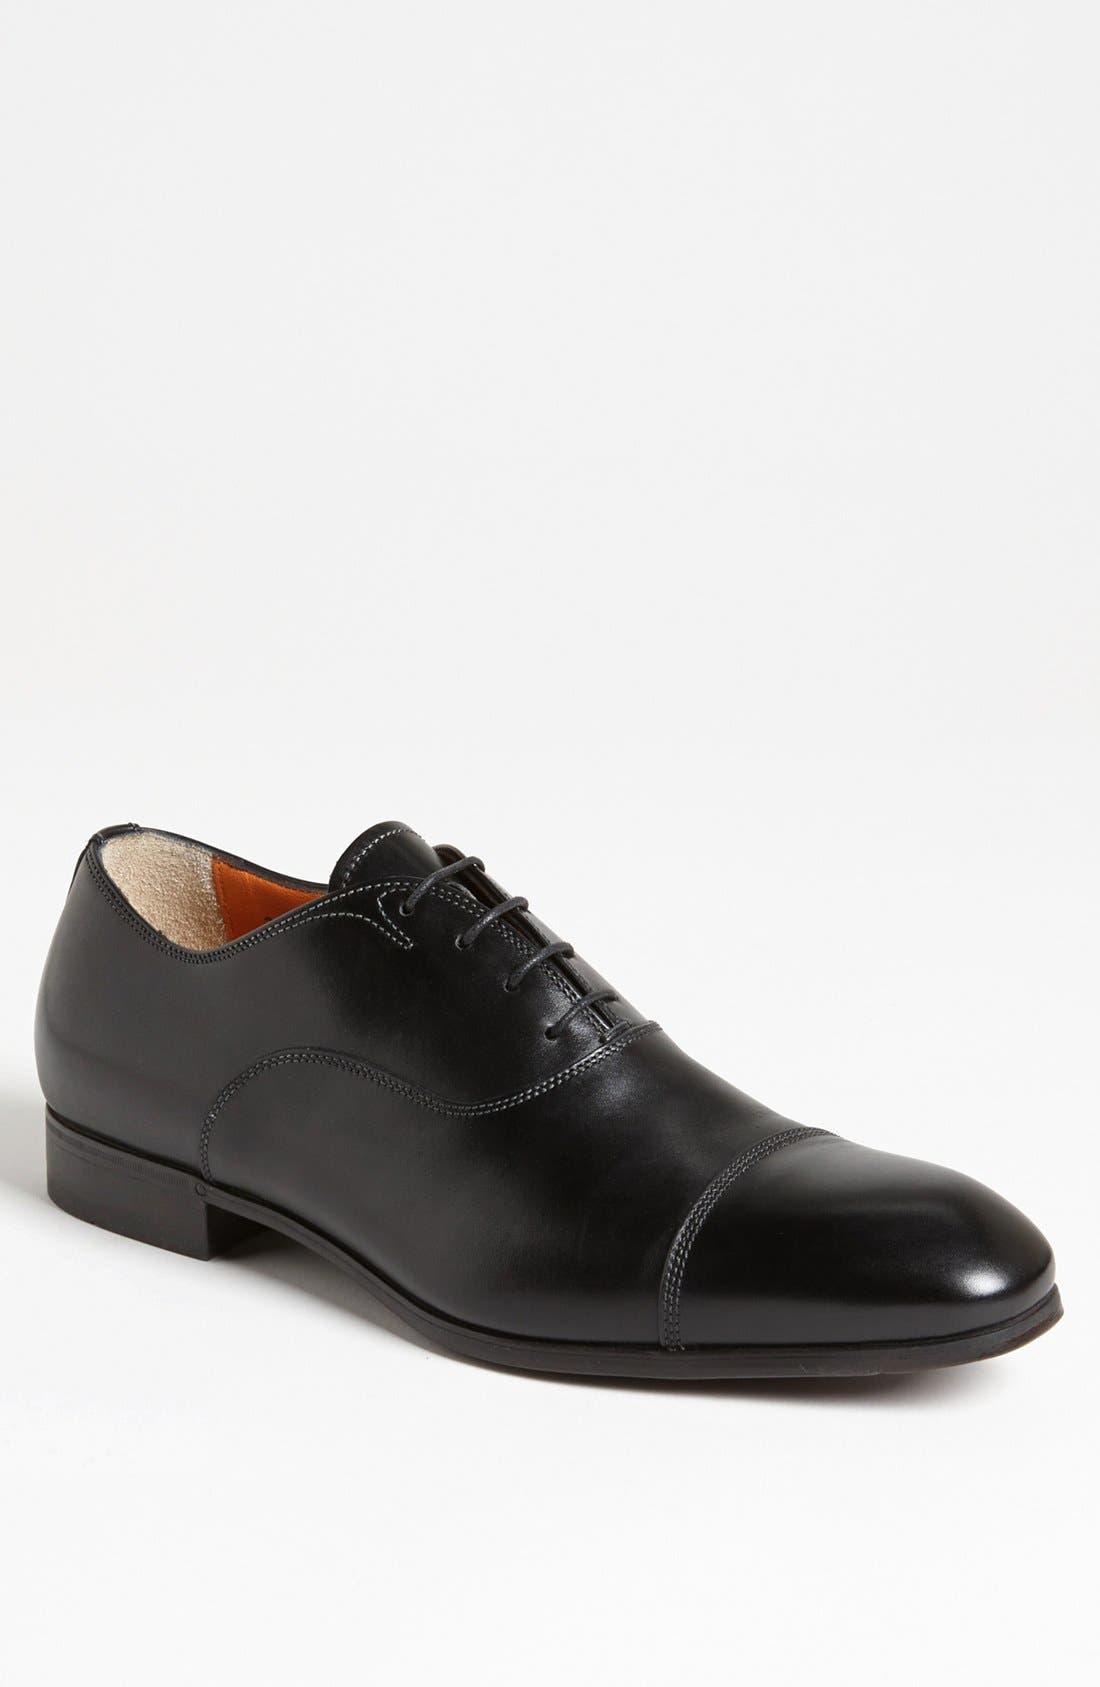 Alternate Image 1 Selected - Santoni Salem Cap Toe Oxford (Men)